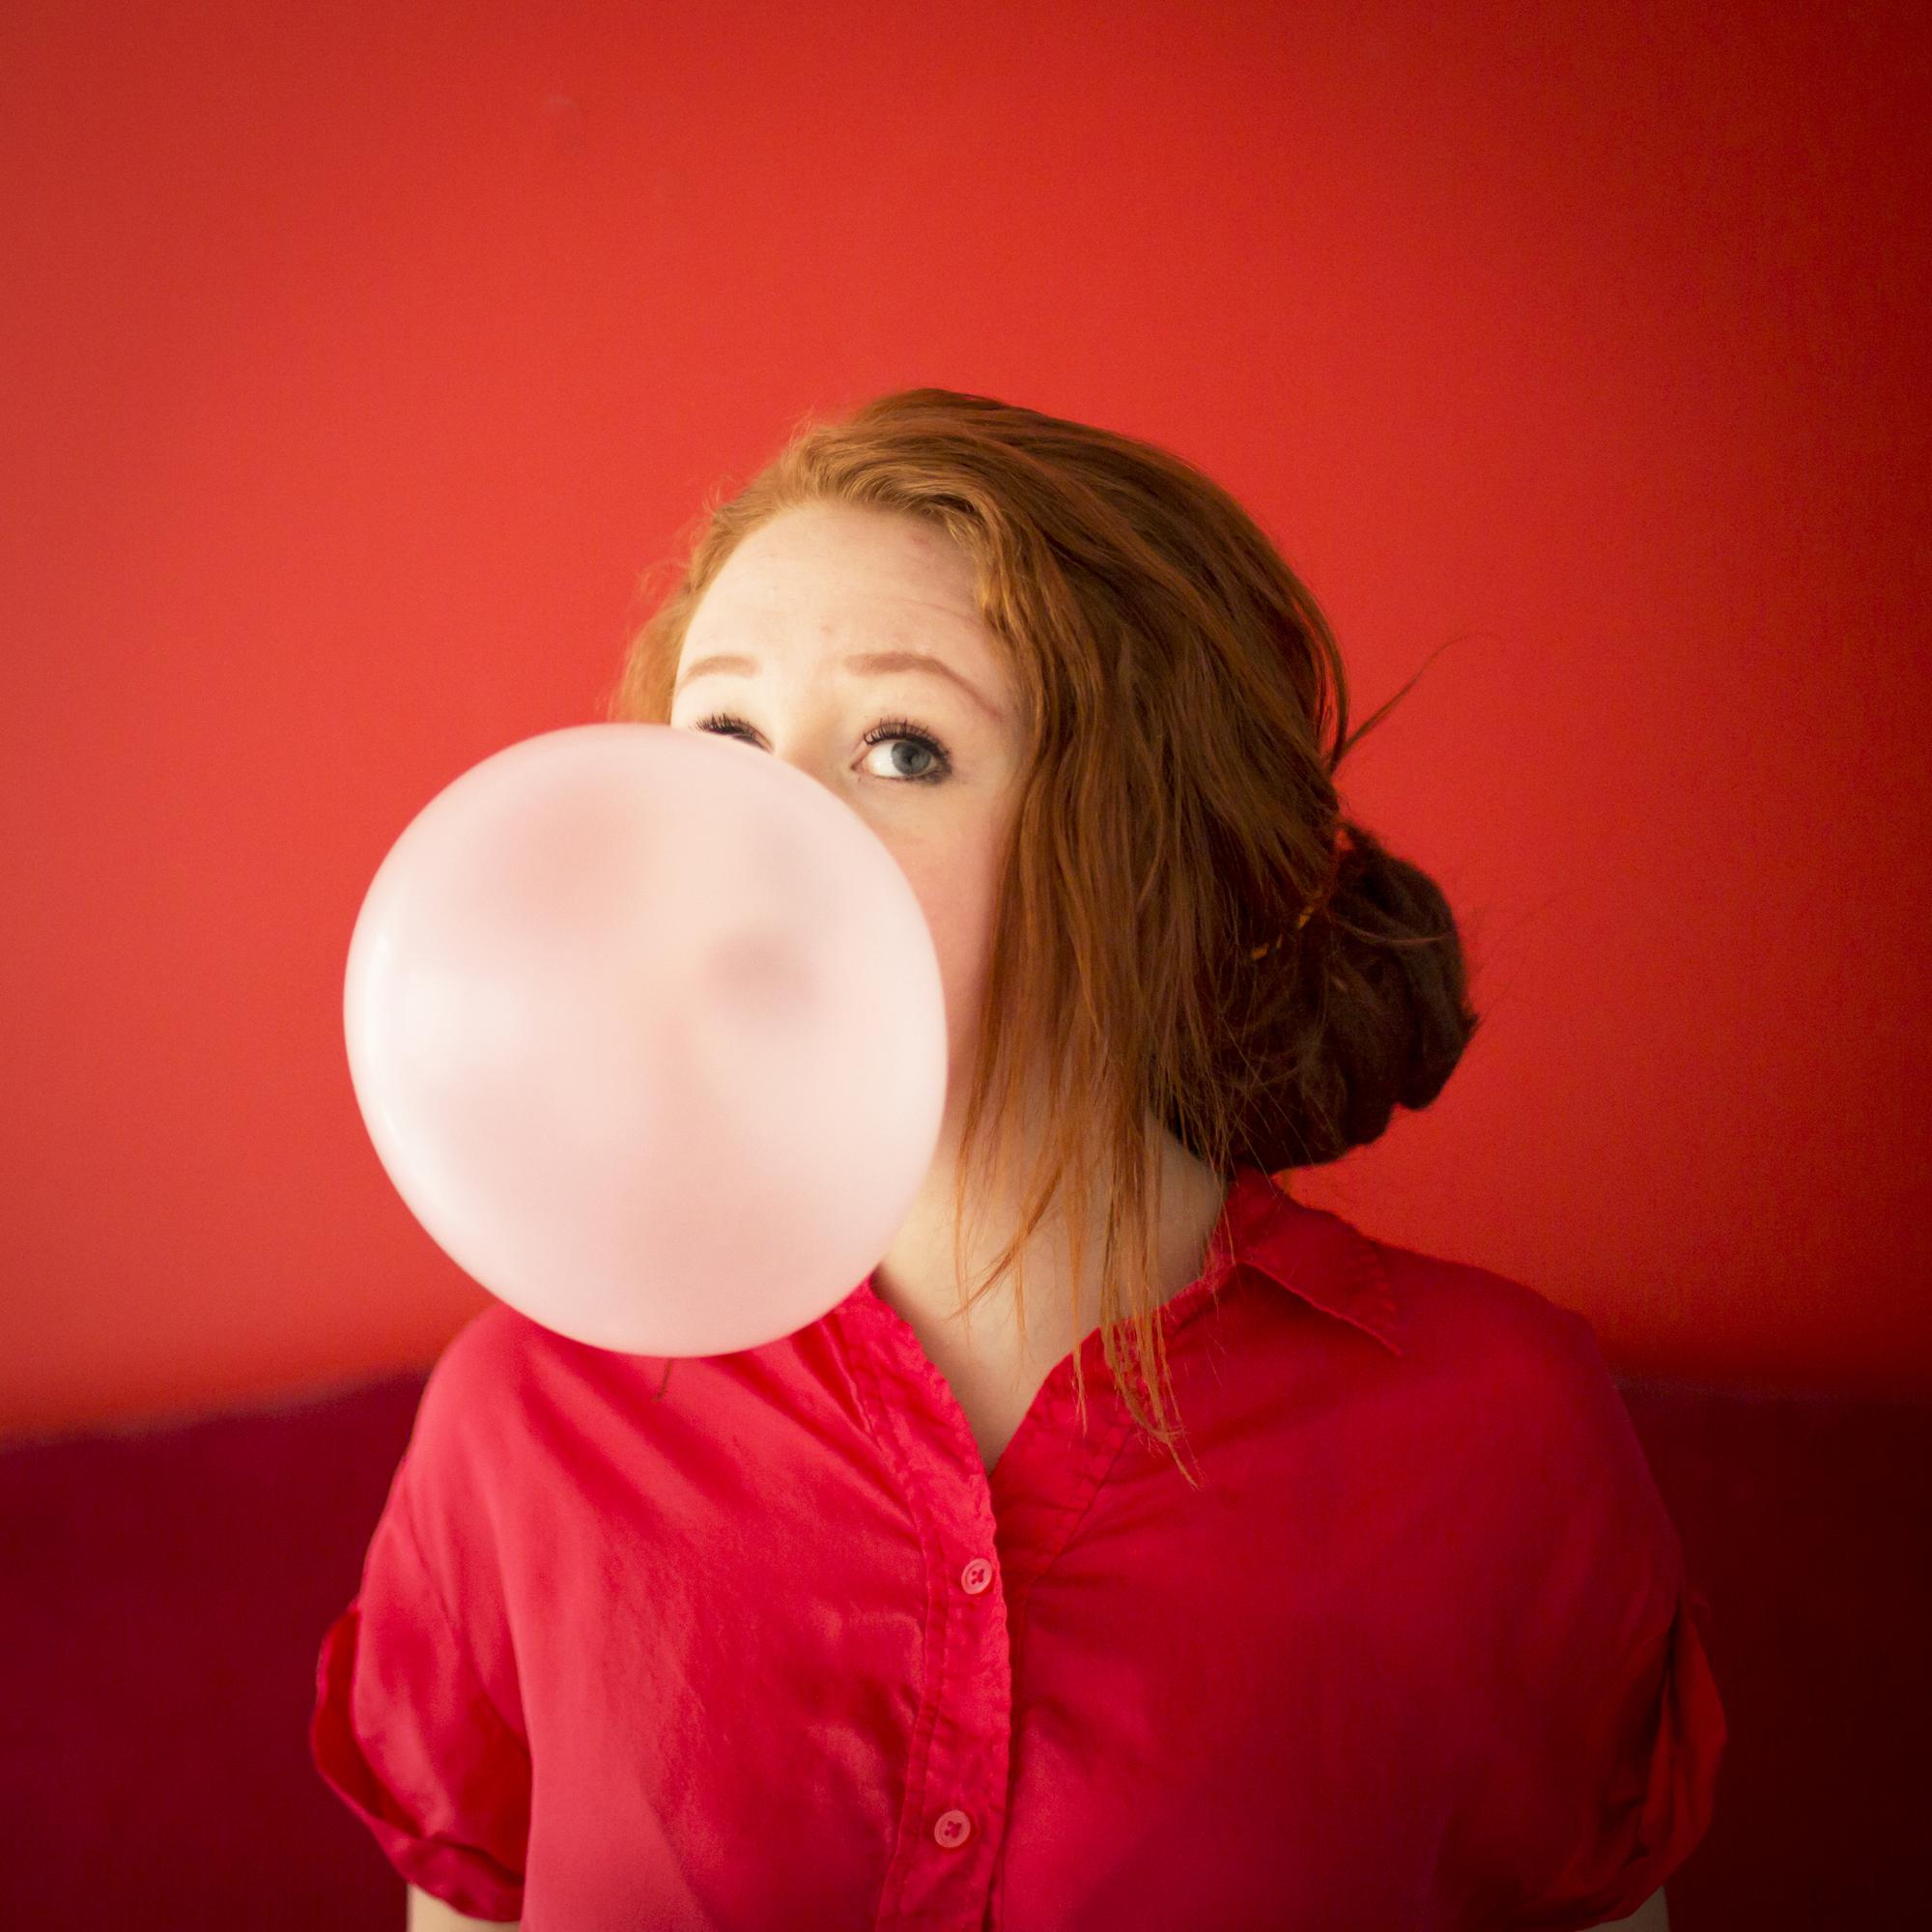 Faith & The Bubble, 2015